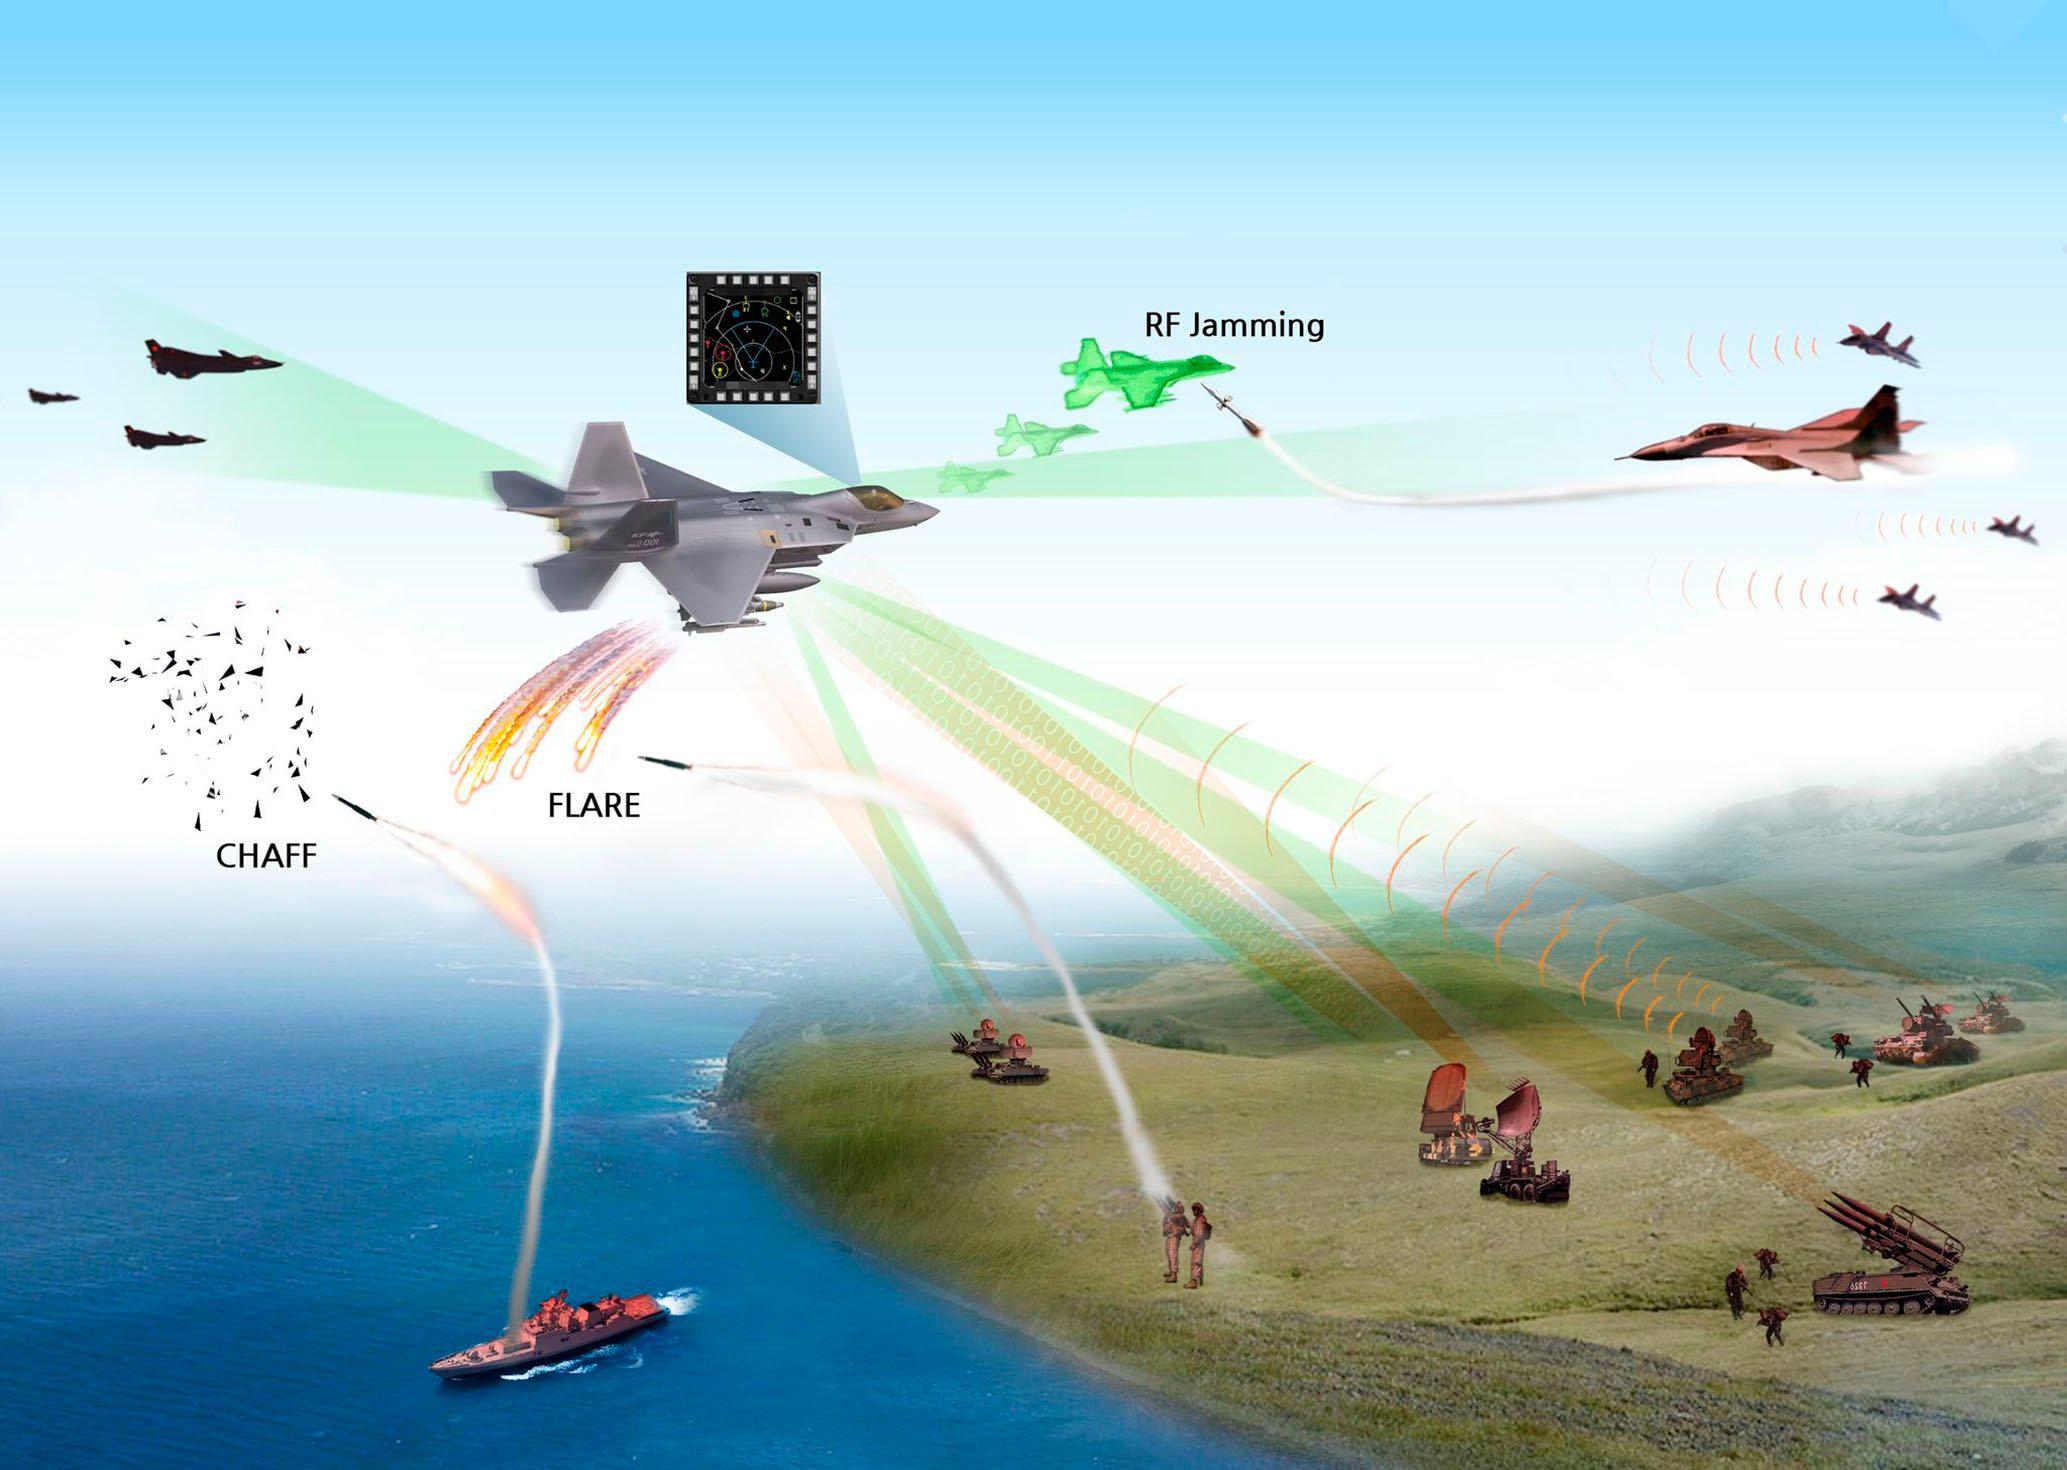 韩军下代战机电子战系统演示图上出现歼-20